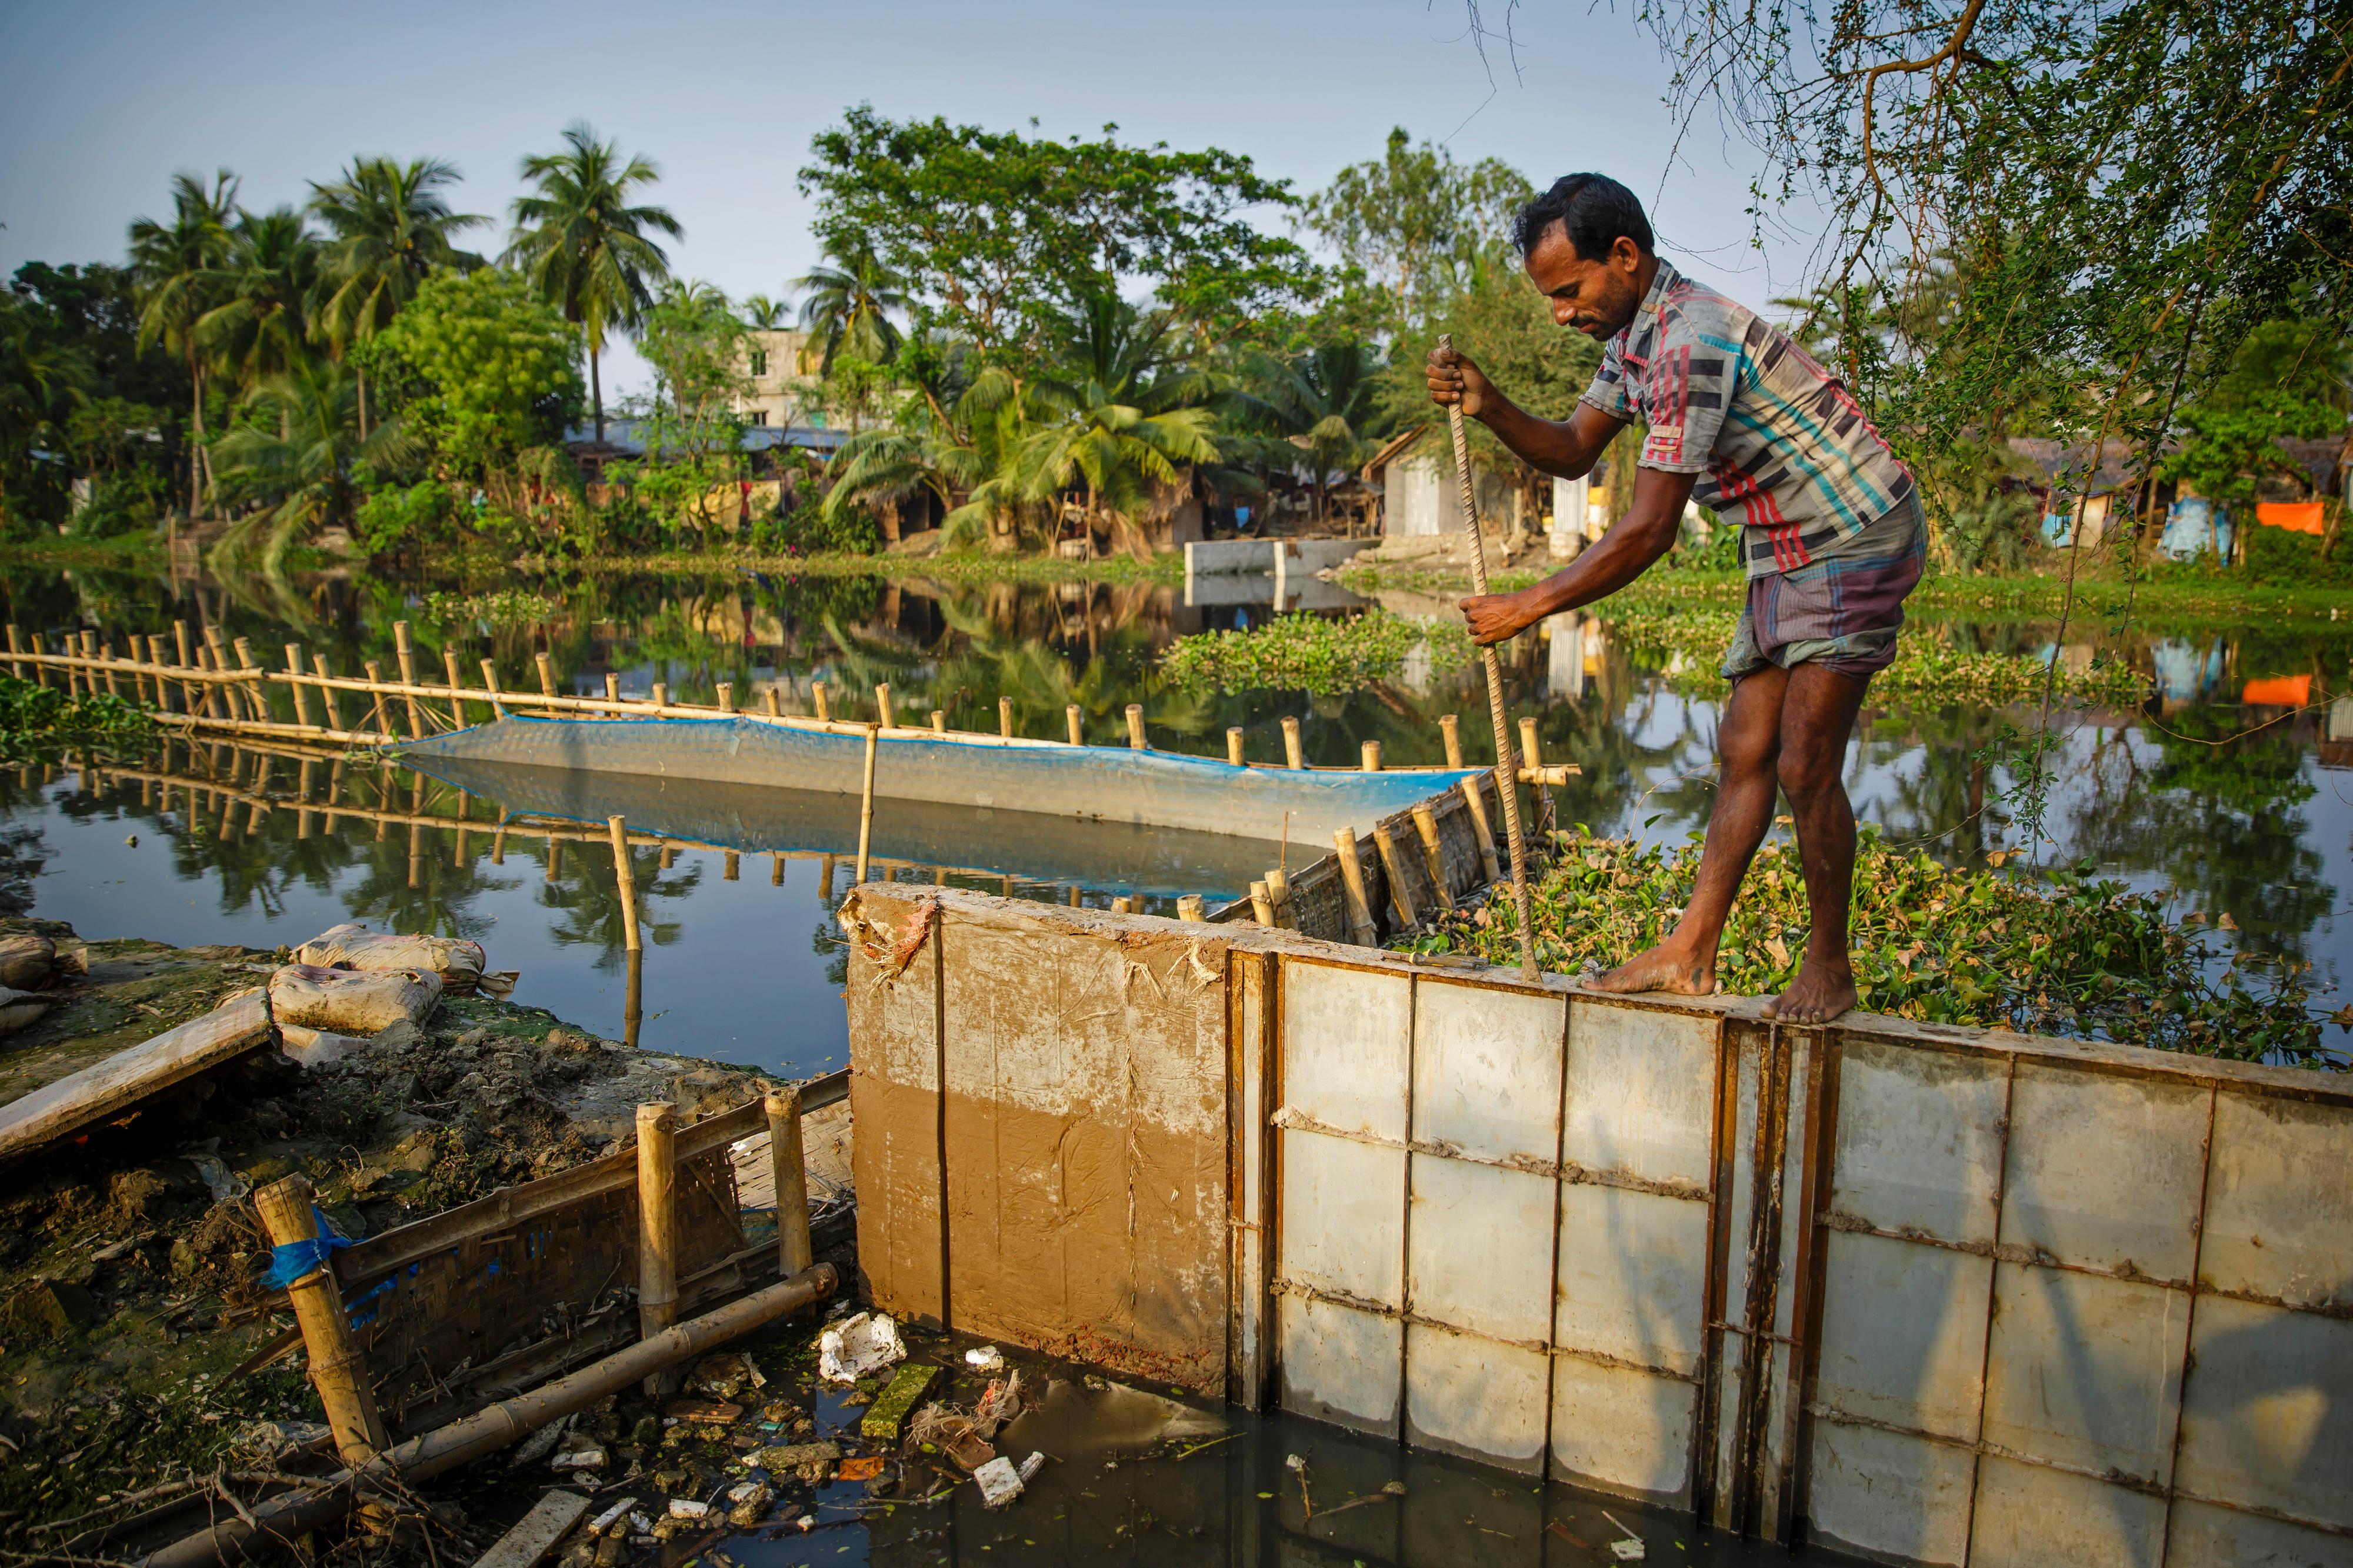 Bau einer Uferbefestigung am Ufer des Mayur River in der Stadt Khulna im Südwesten von Bangladesch